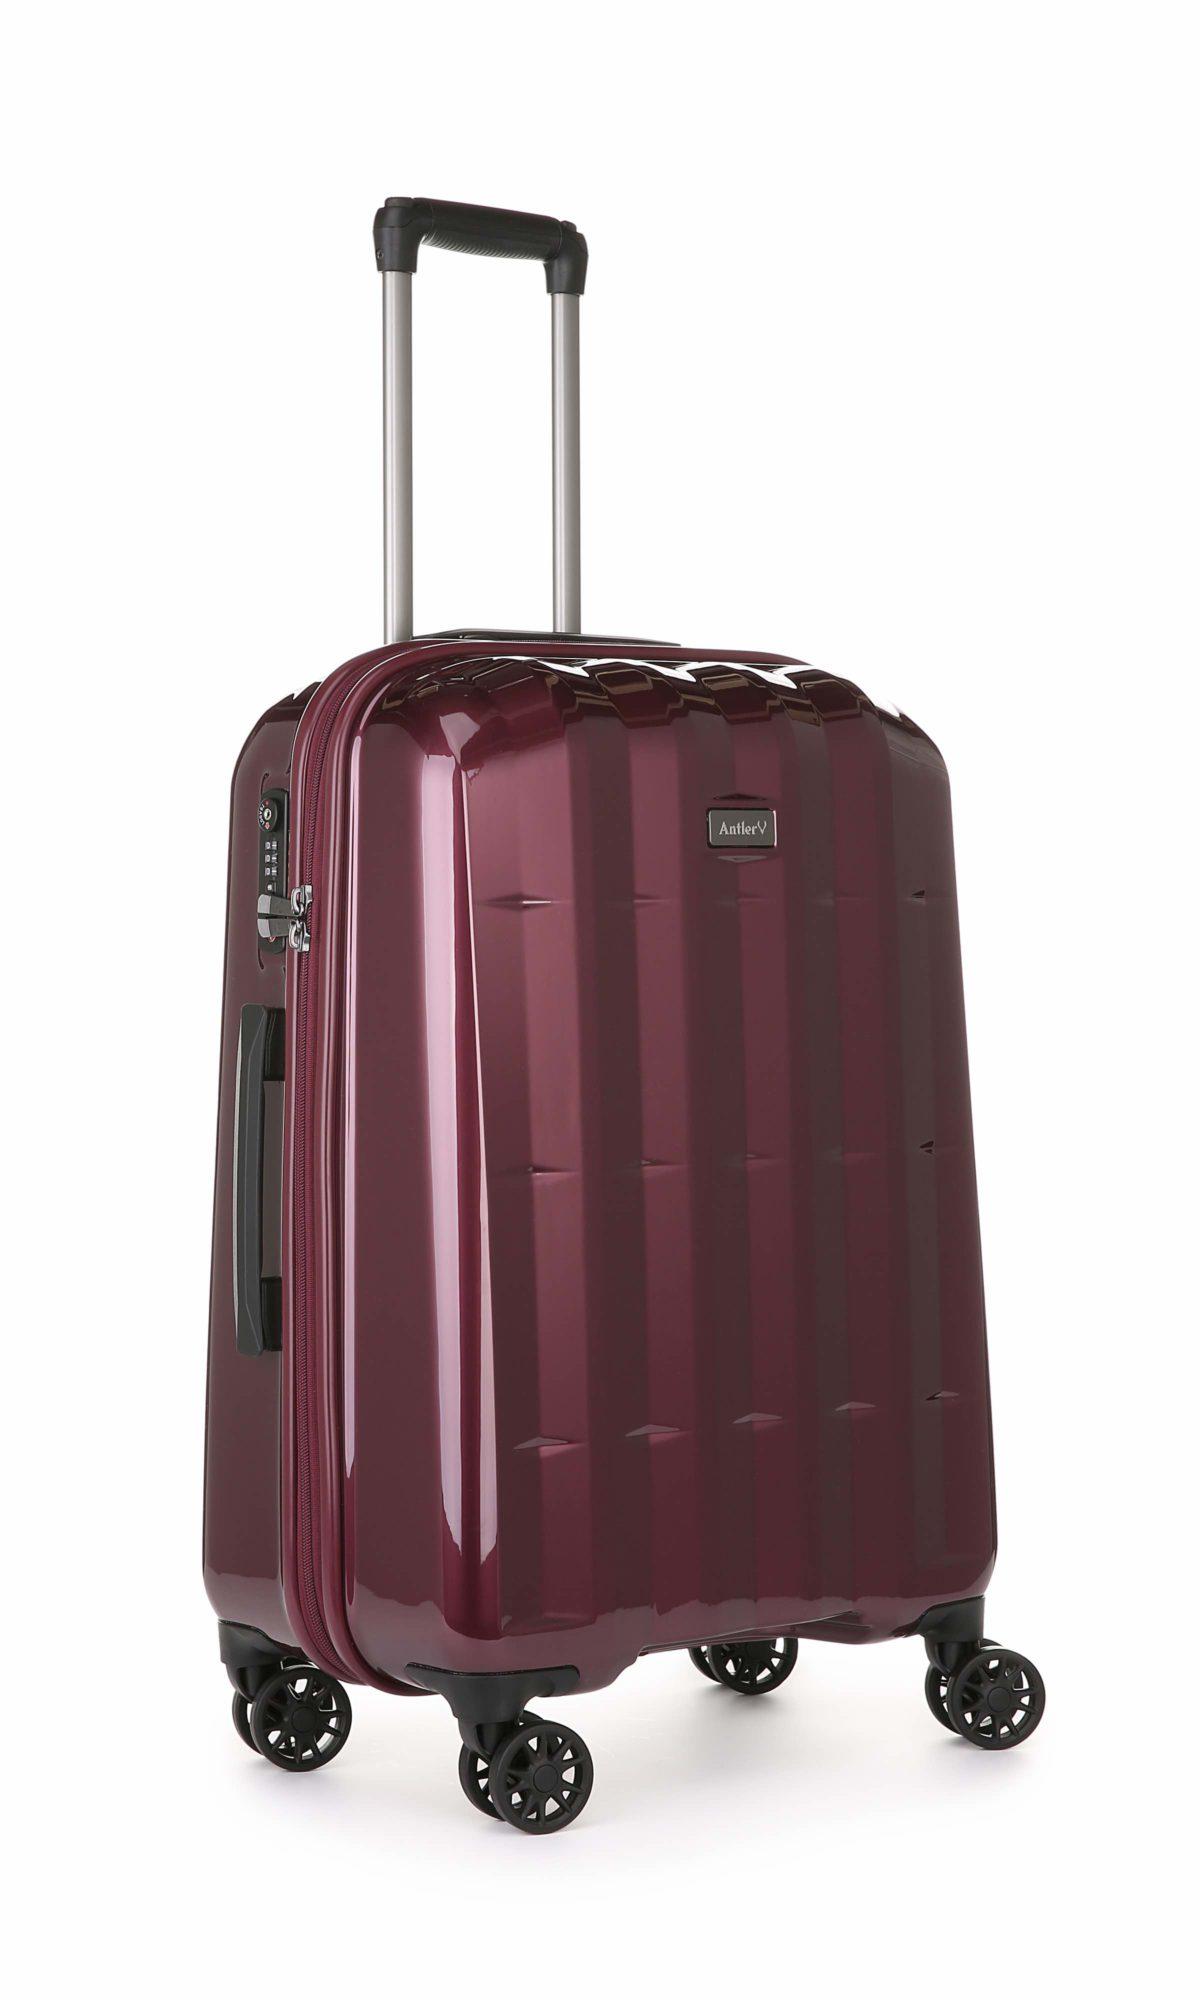 Test lättviktsväskor tåliga väskor för resan